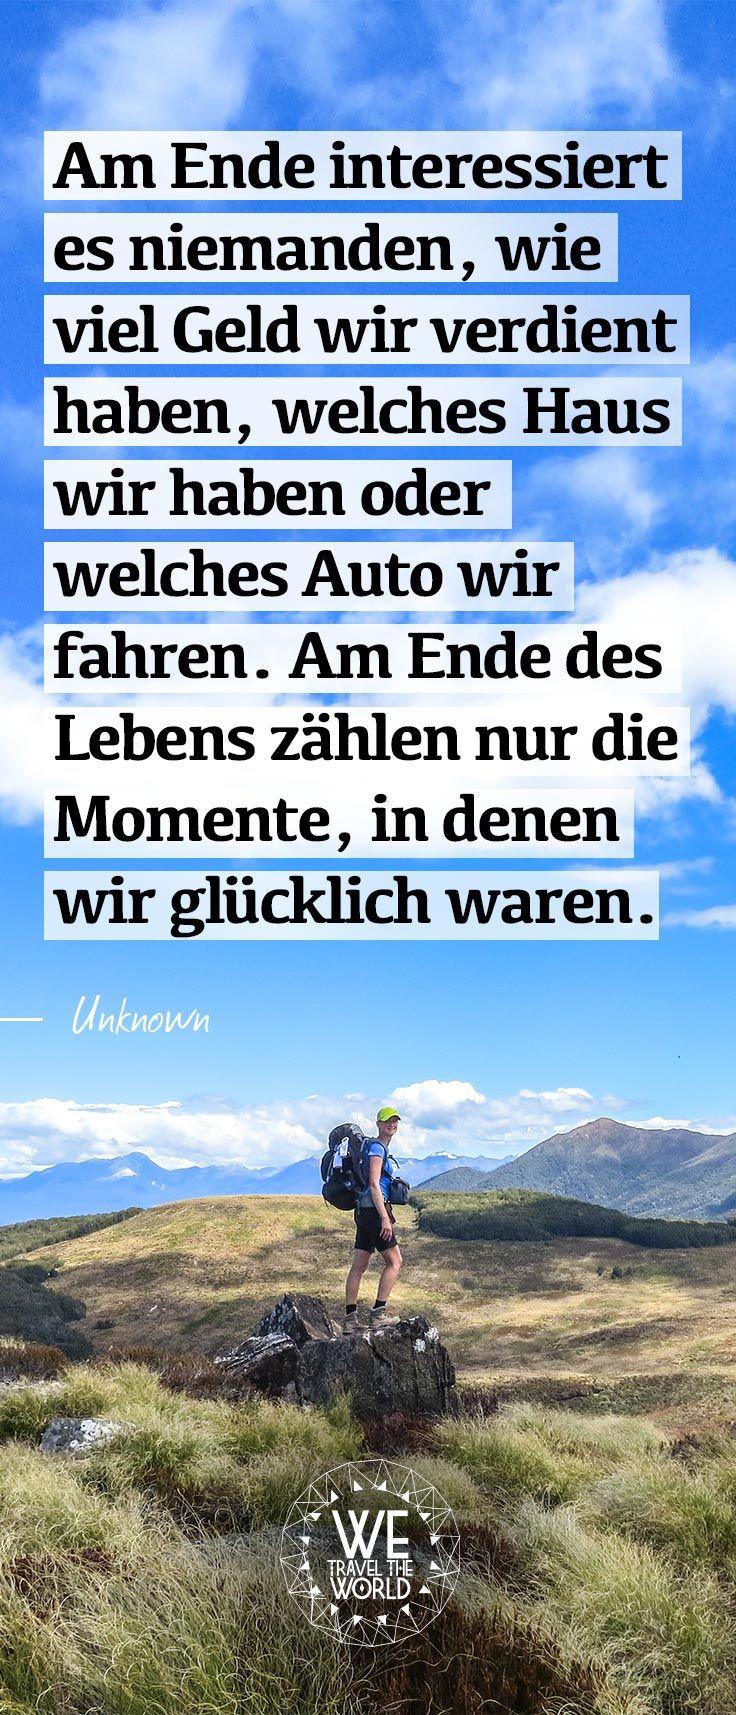 Am Ende interessiert es niemanden, wie viel Geld wir verdient haben, welches Haus wir haben oder welches Auto wir fahren. Am Ende des Lebens zählen nur die Momente, in denen wir glücklich waren.